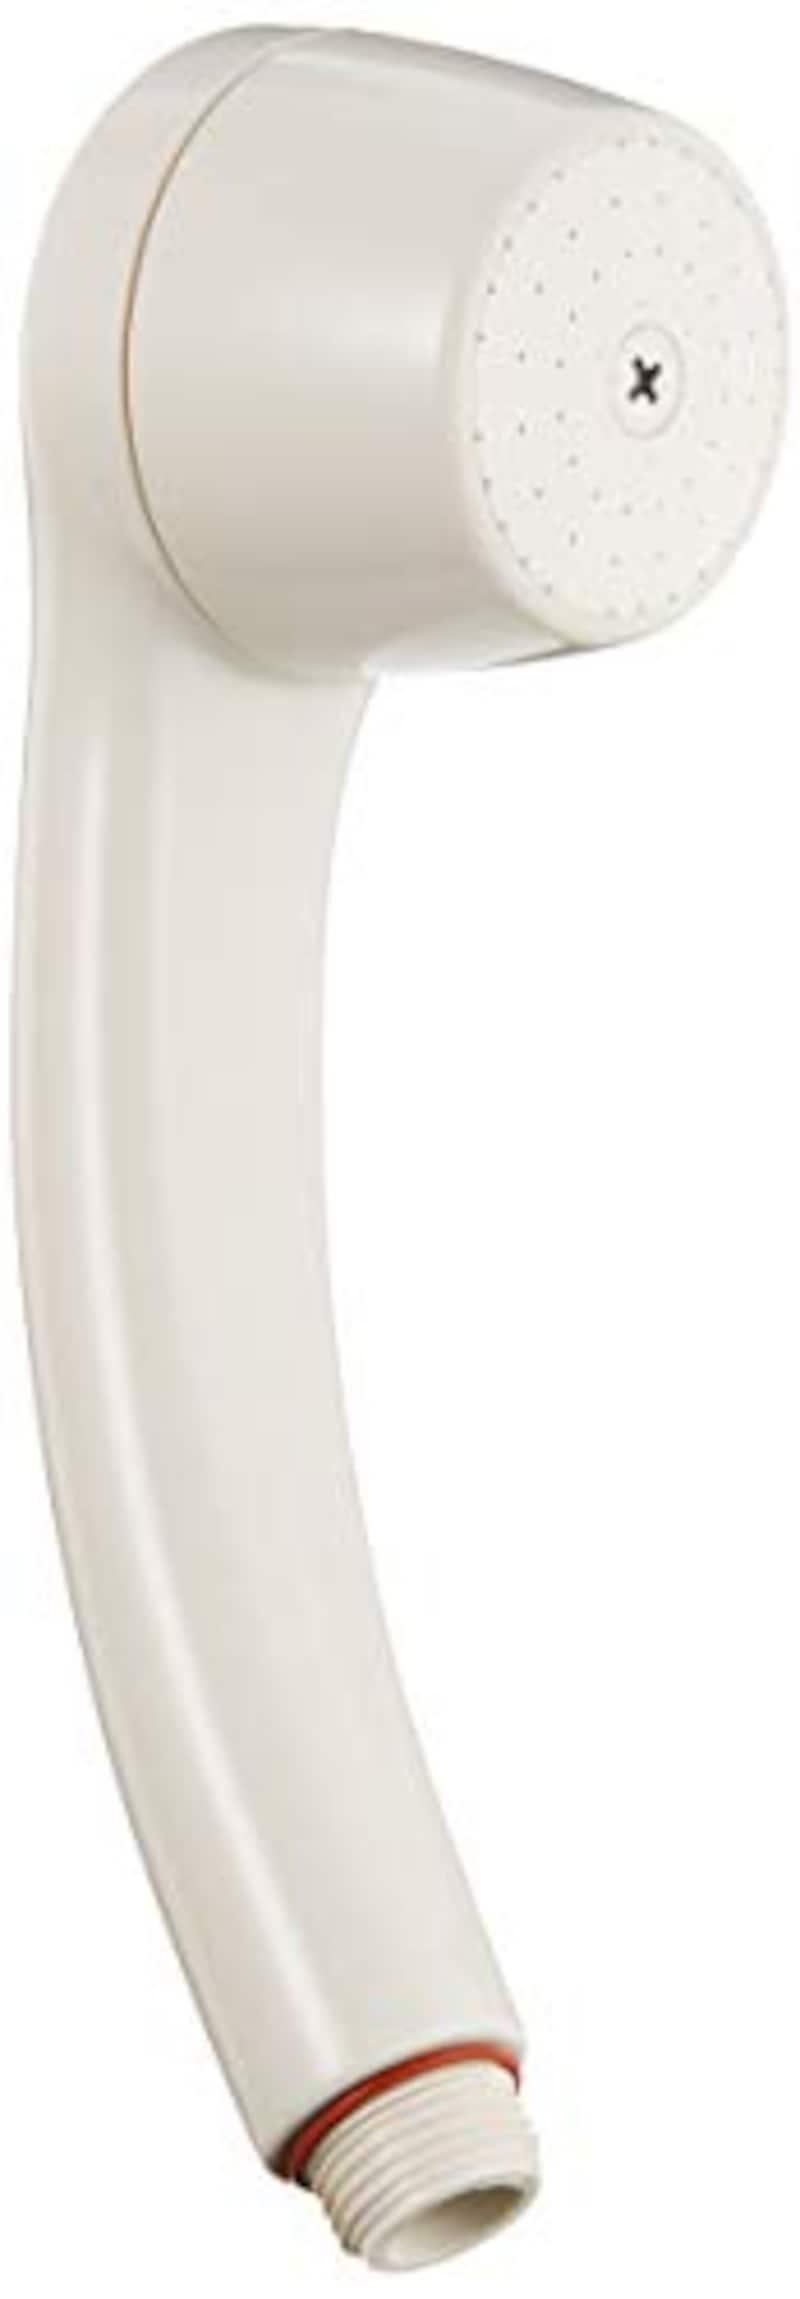 クリンスイ,浄水シャワー ,SY102-IV